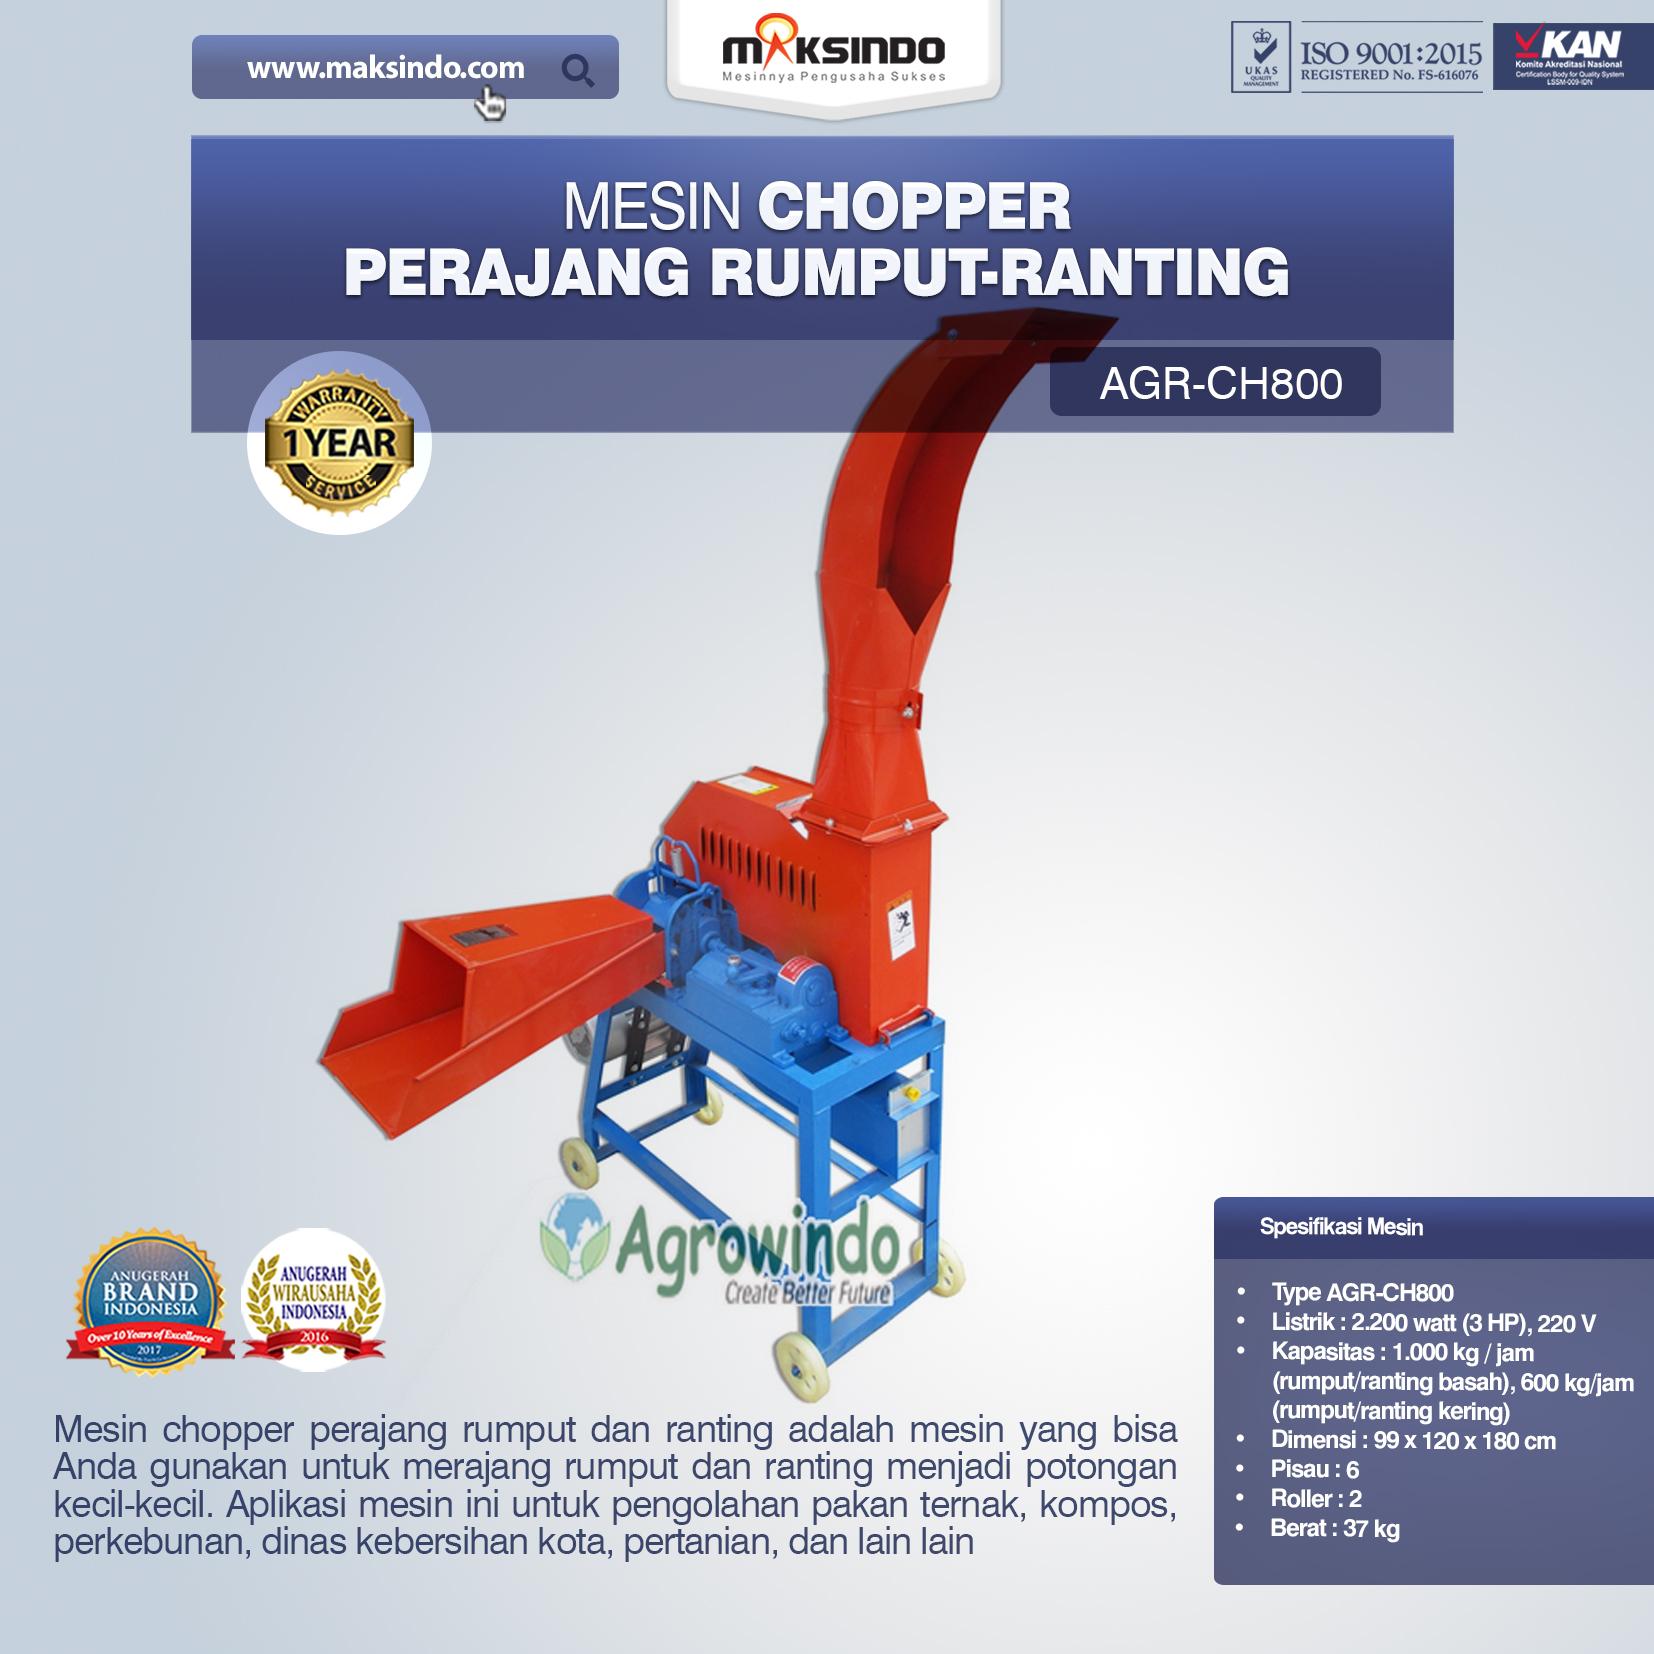 Mesin Chopper Perajang Rumput-Ranting (AGR-CH800)